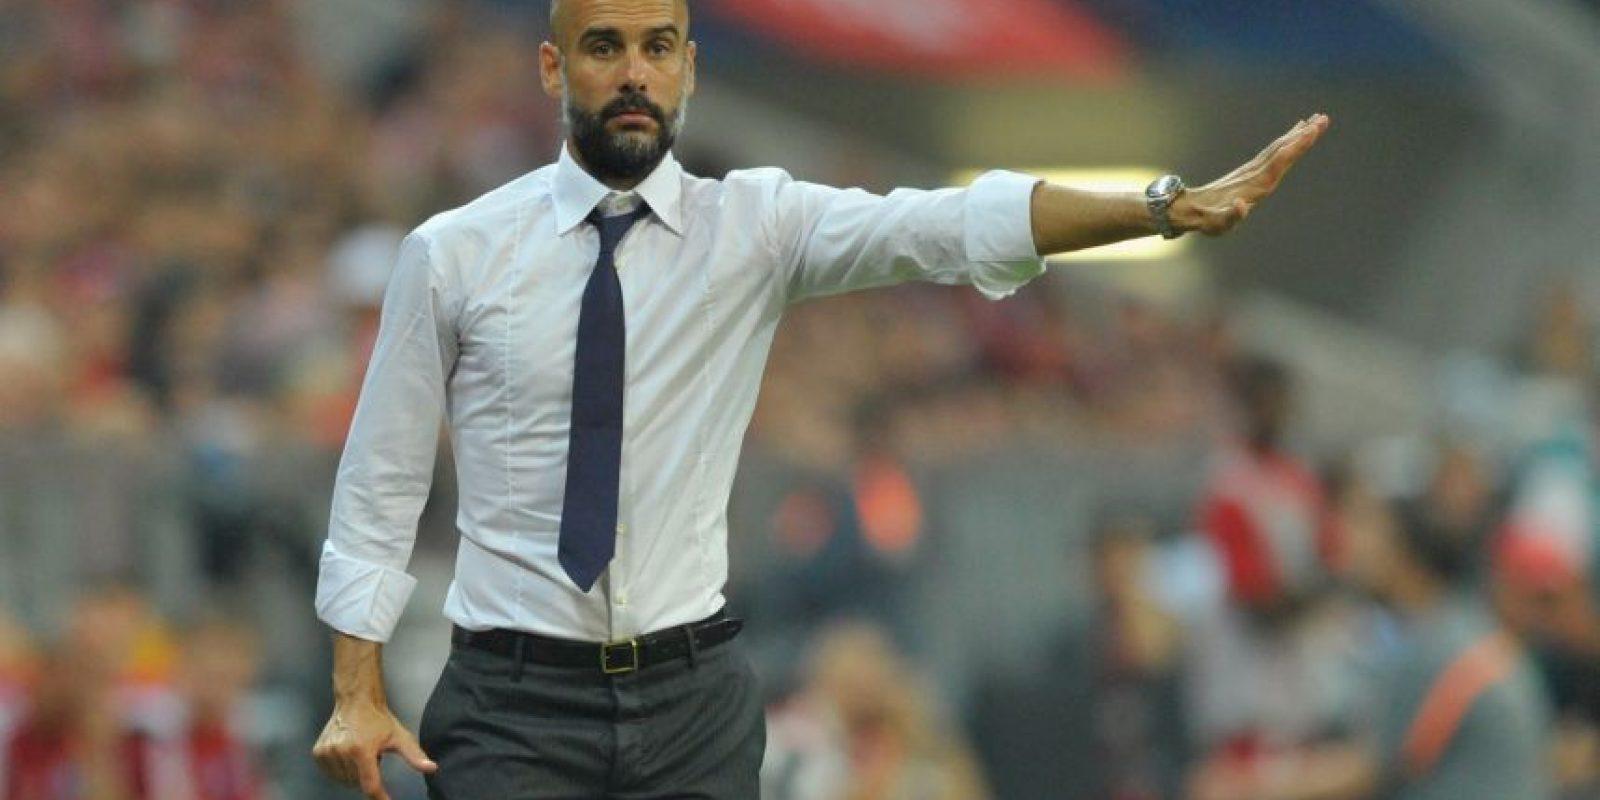 Es el mejor pagado del club alemán. Sus futbolistas con mejor sueldo con Franck Ribery y Mario Götze con un salario de 12 millones de euros al año. Foto:Getty Images